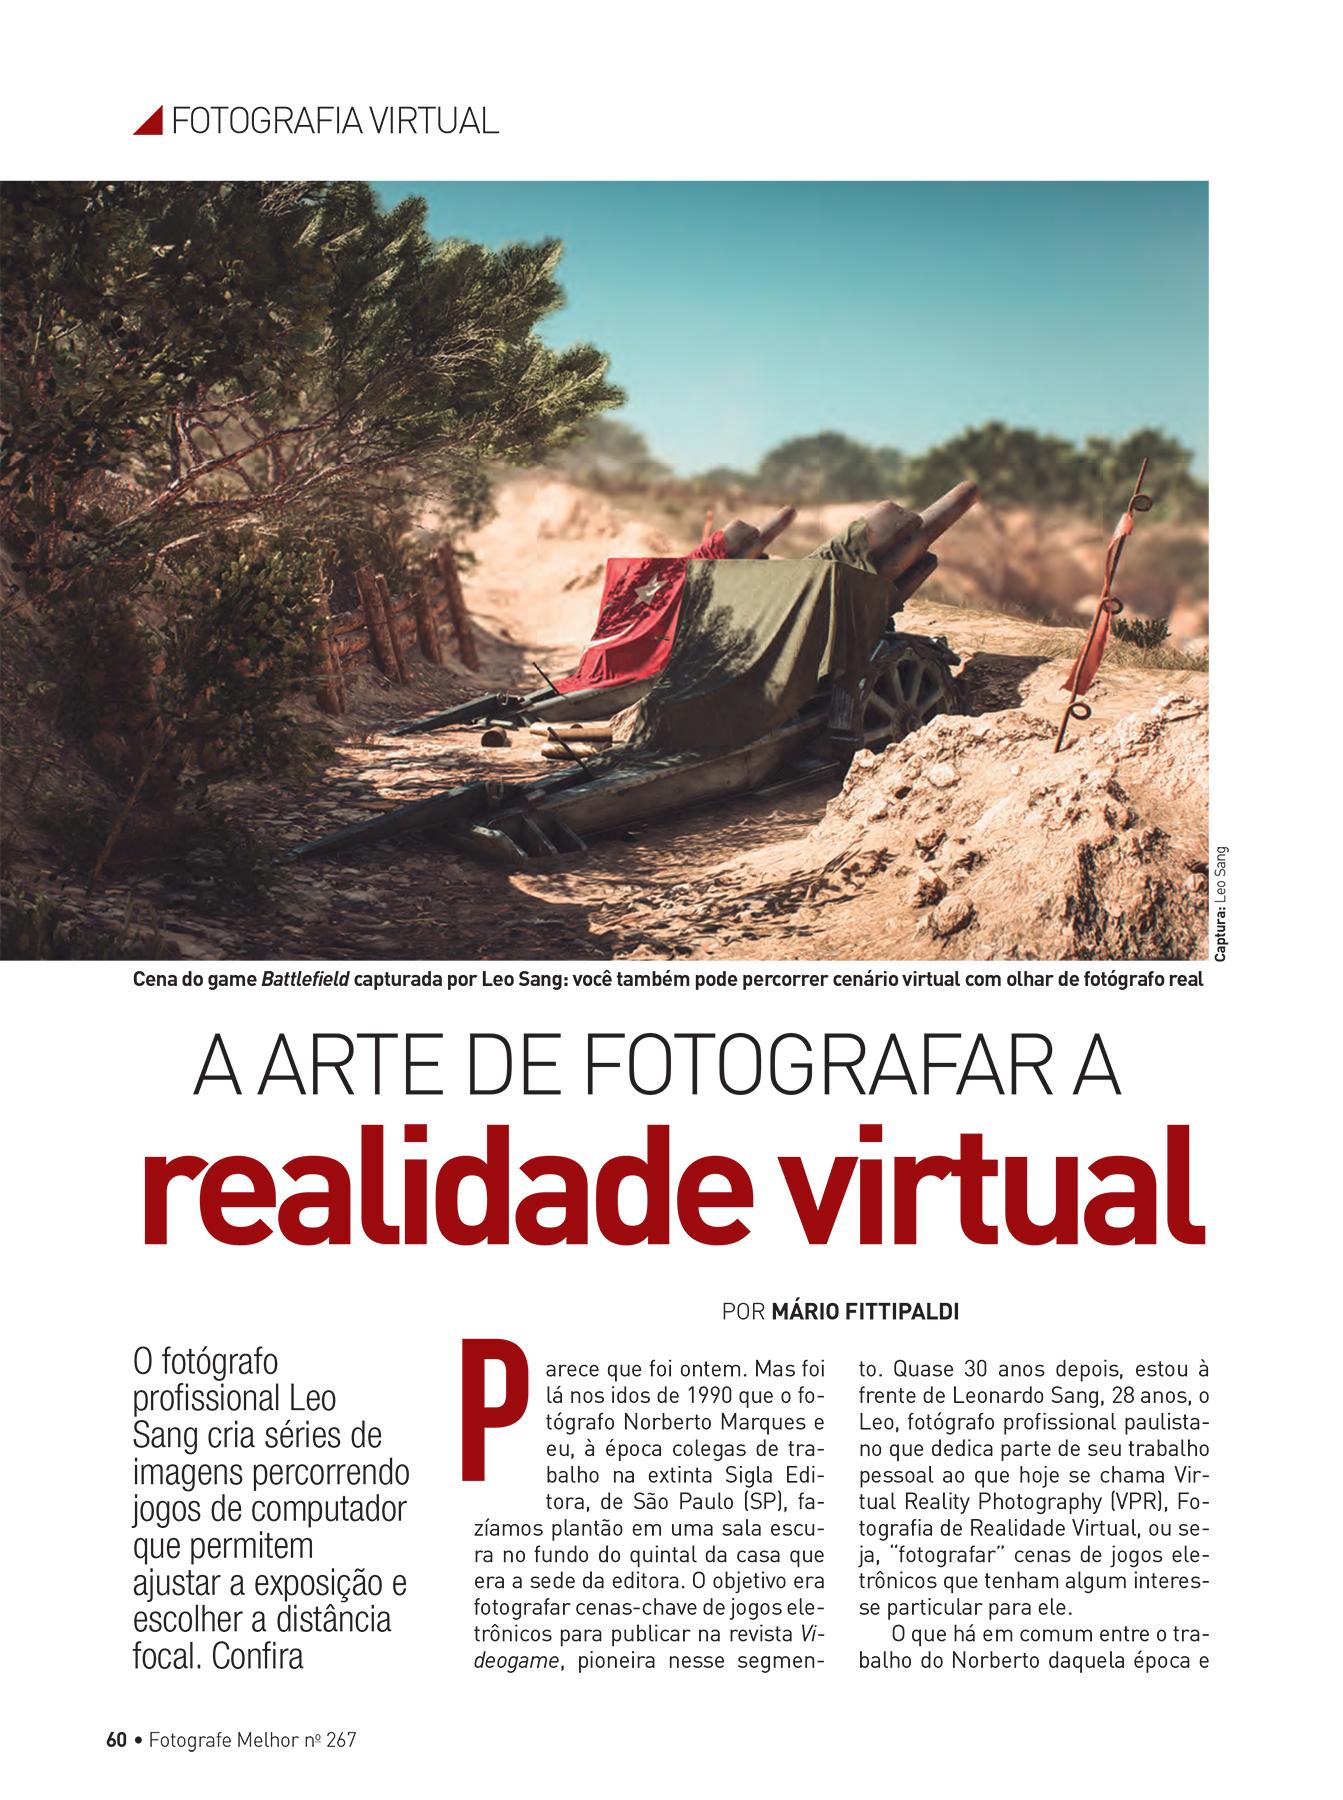 Interview for Fotografe Melhor magazine